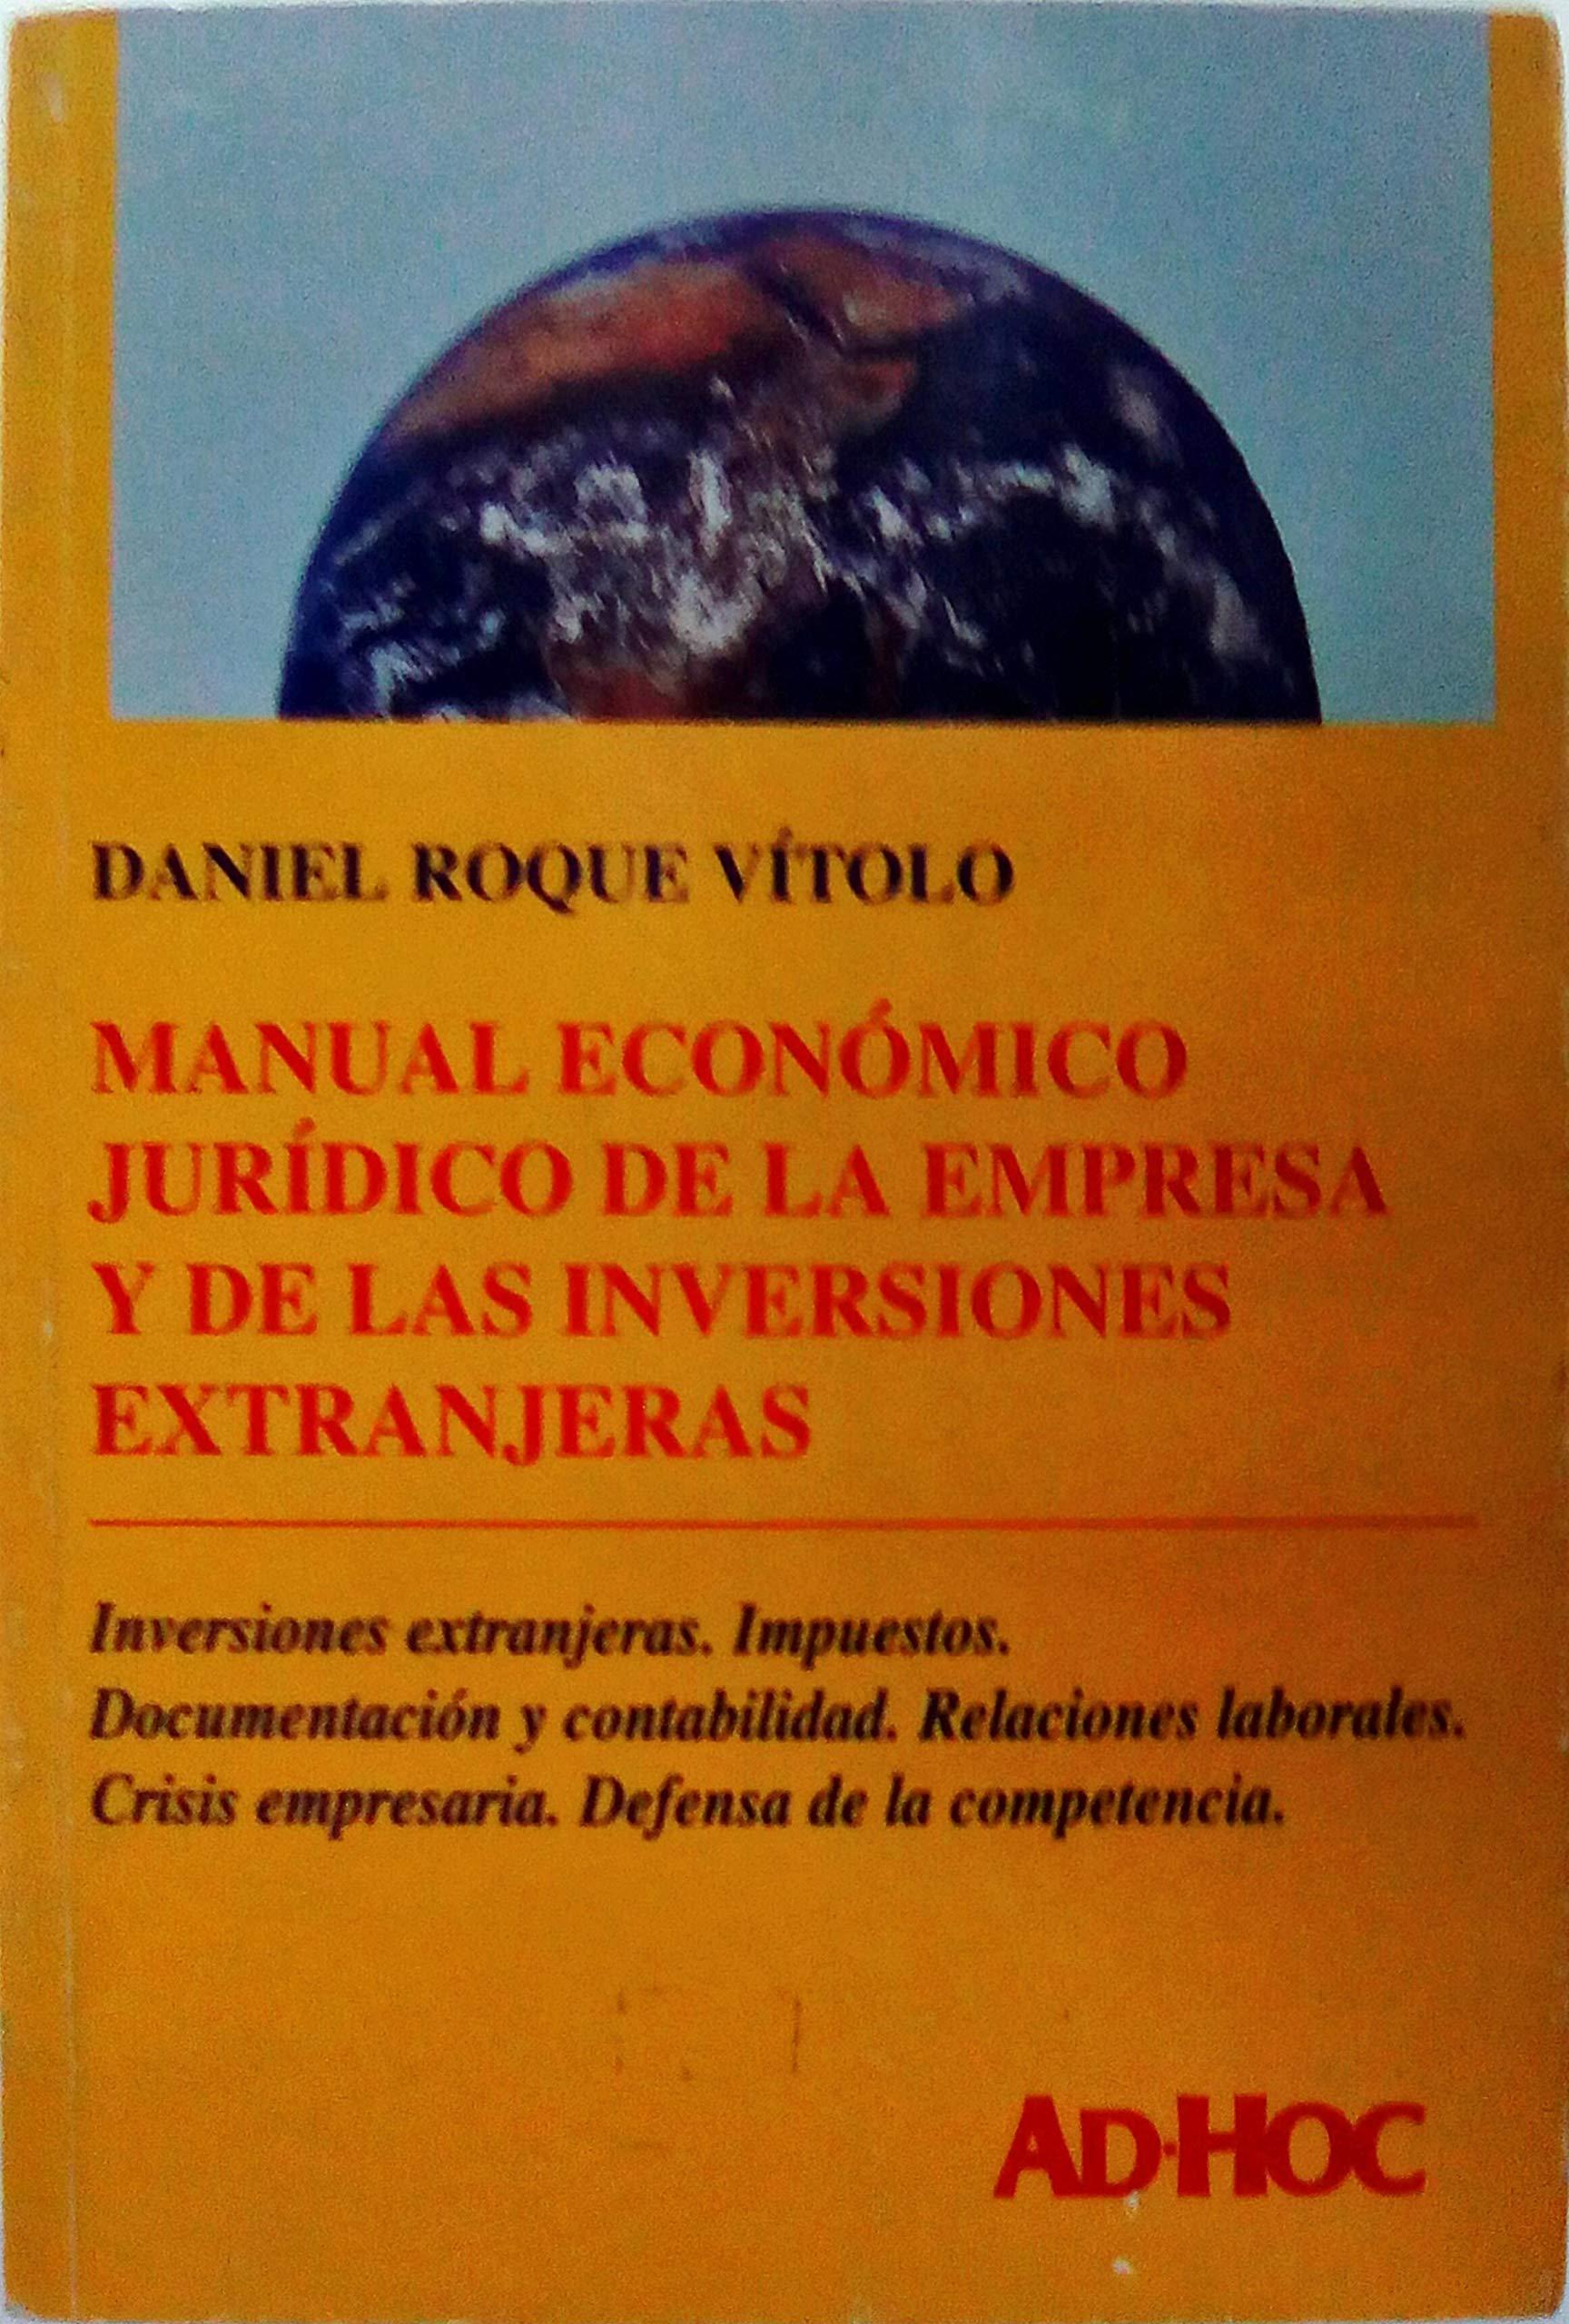 Manual Economico Juridico de La Empresa y de Las Inversiones Extranjeras: Inversiones Extranjeras, Impuestos, Documentacion y Contabilidad, Relaciones (Spanish Edition) pdf